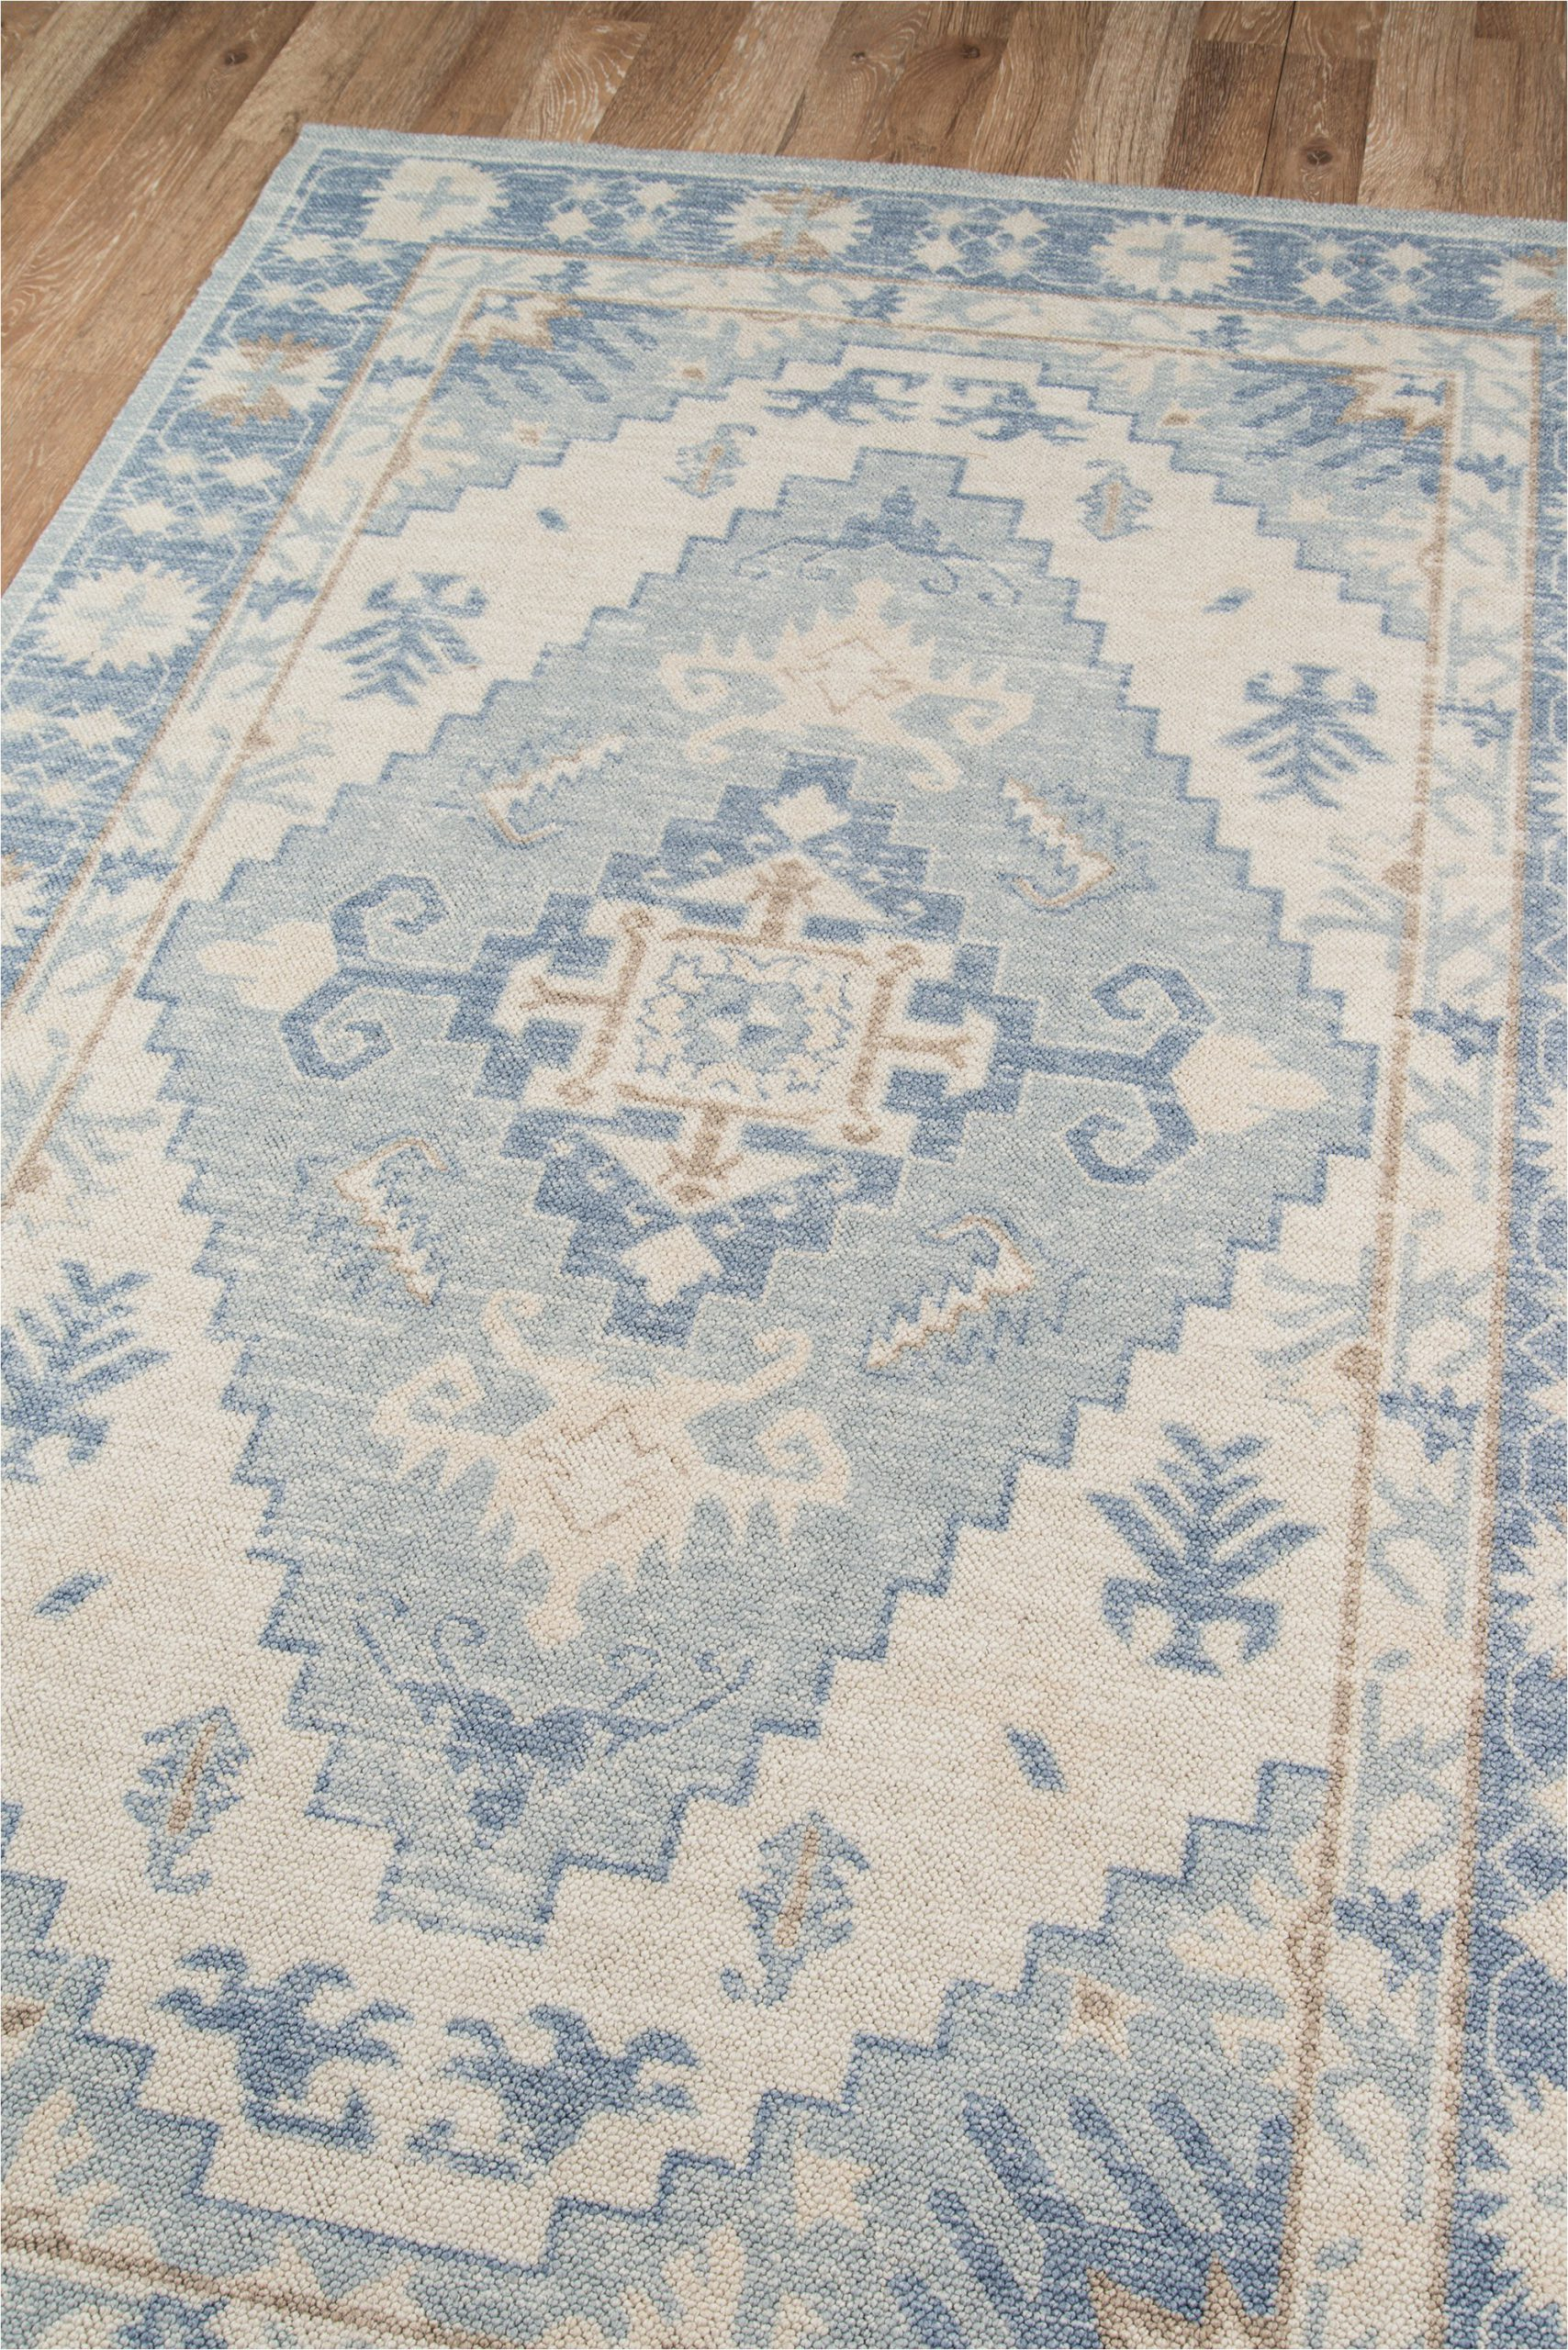 erela oriental blue area rug